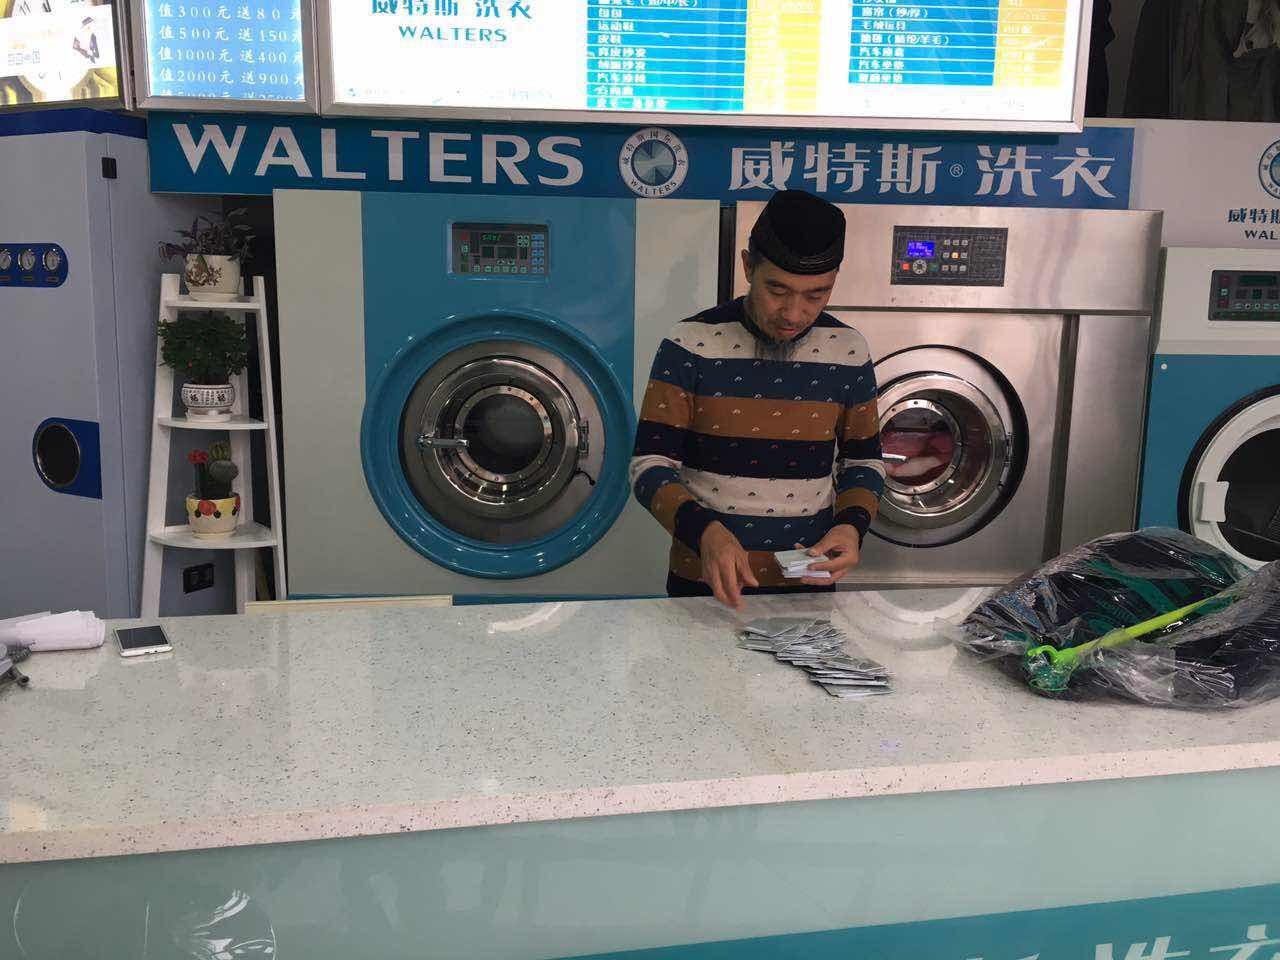 透析干洗店成本问题,开店资金多少?